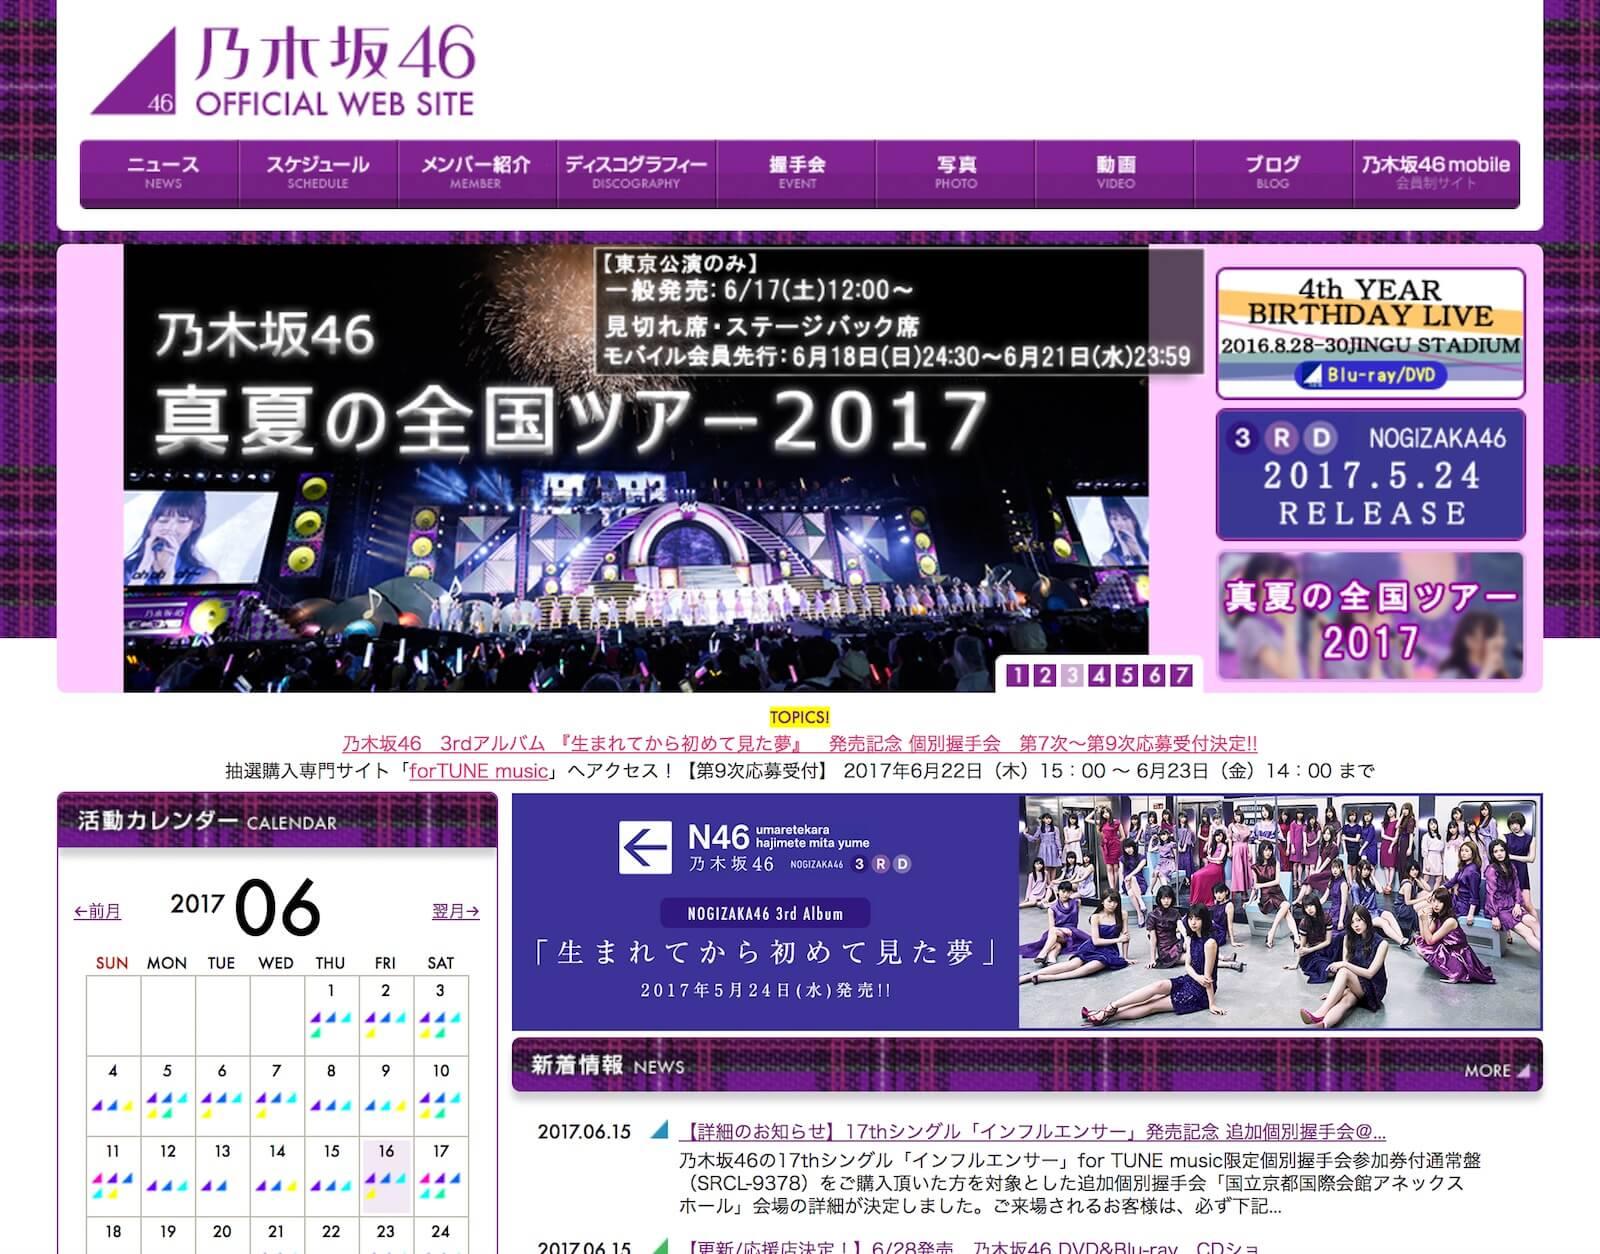 乃木坂46公式サイト(2017年6月16日)